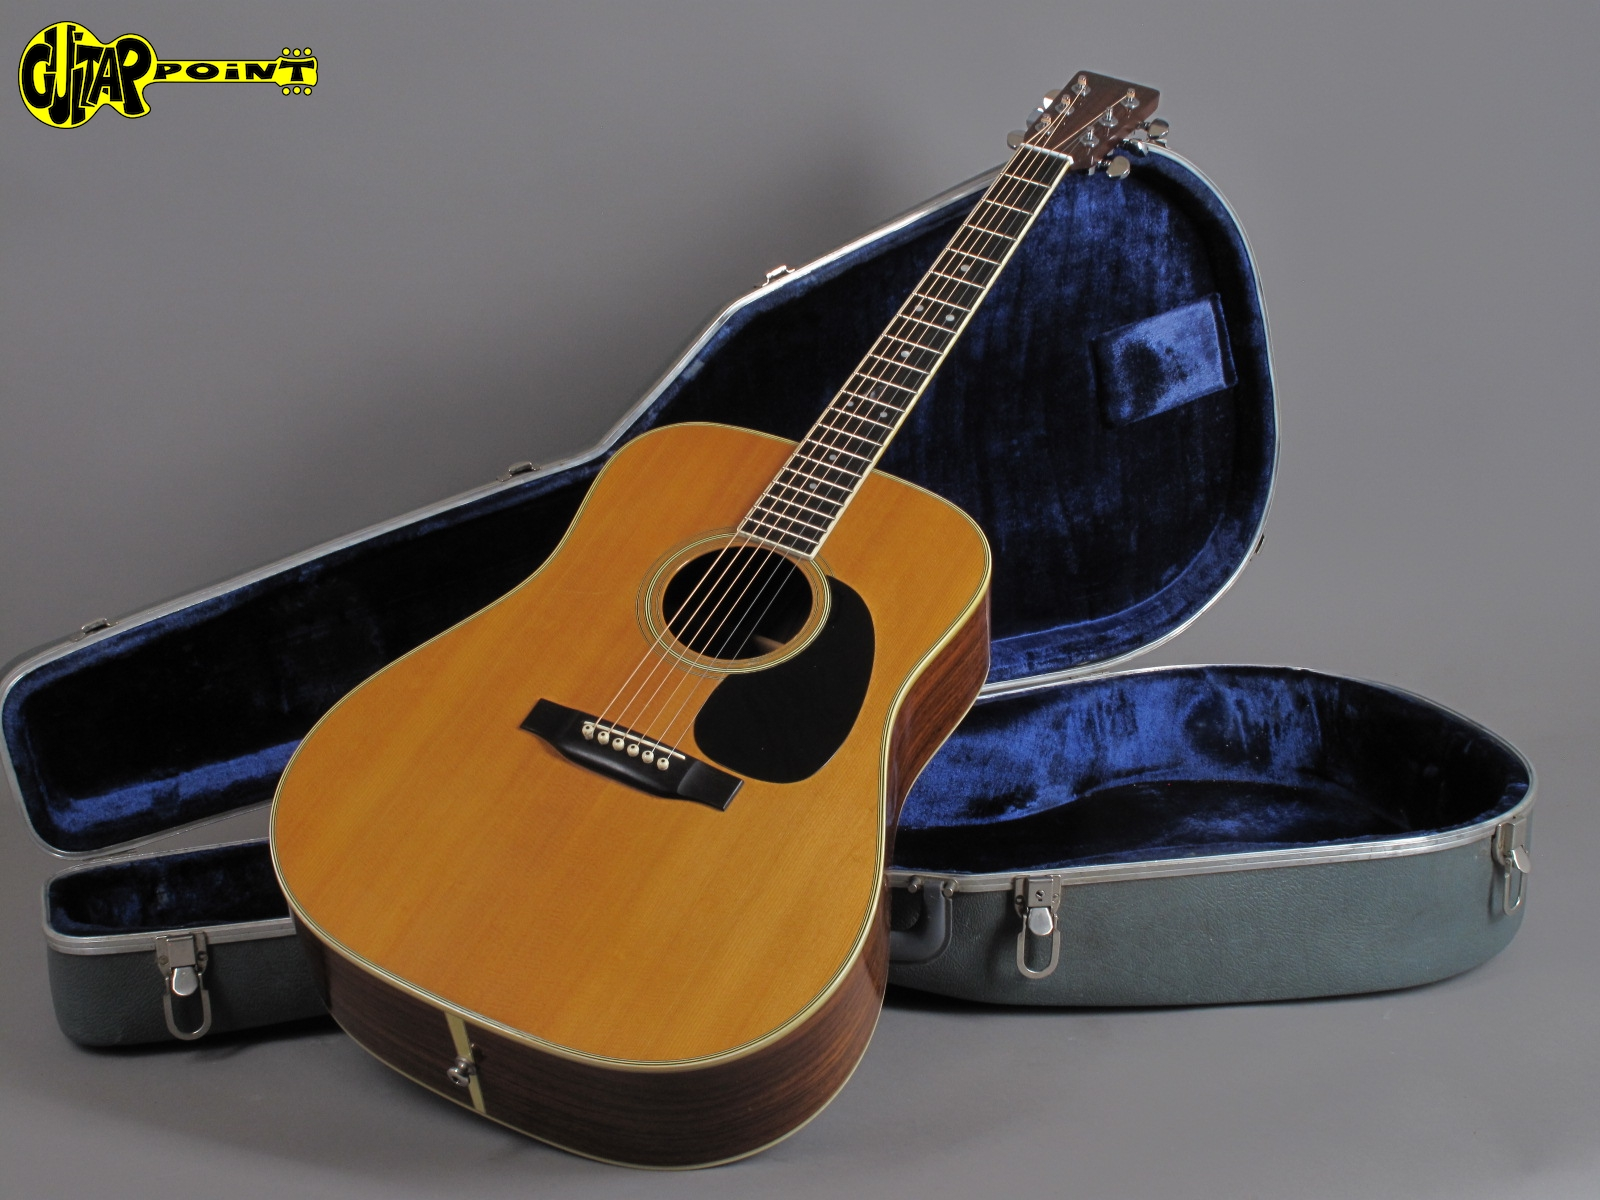 https://guitarpoint.de/app/uploads/products/1973-martin-d-35-natural/Martin73D35NT331970_17.jpg